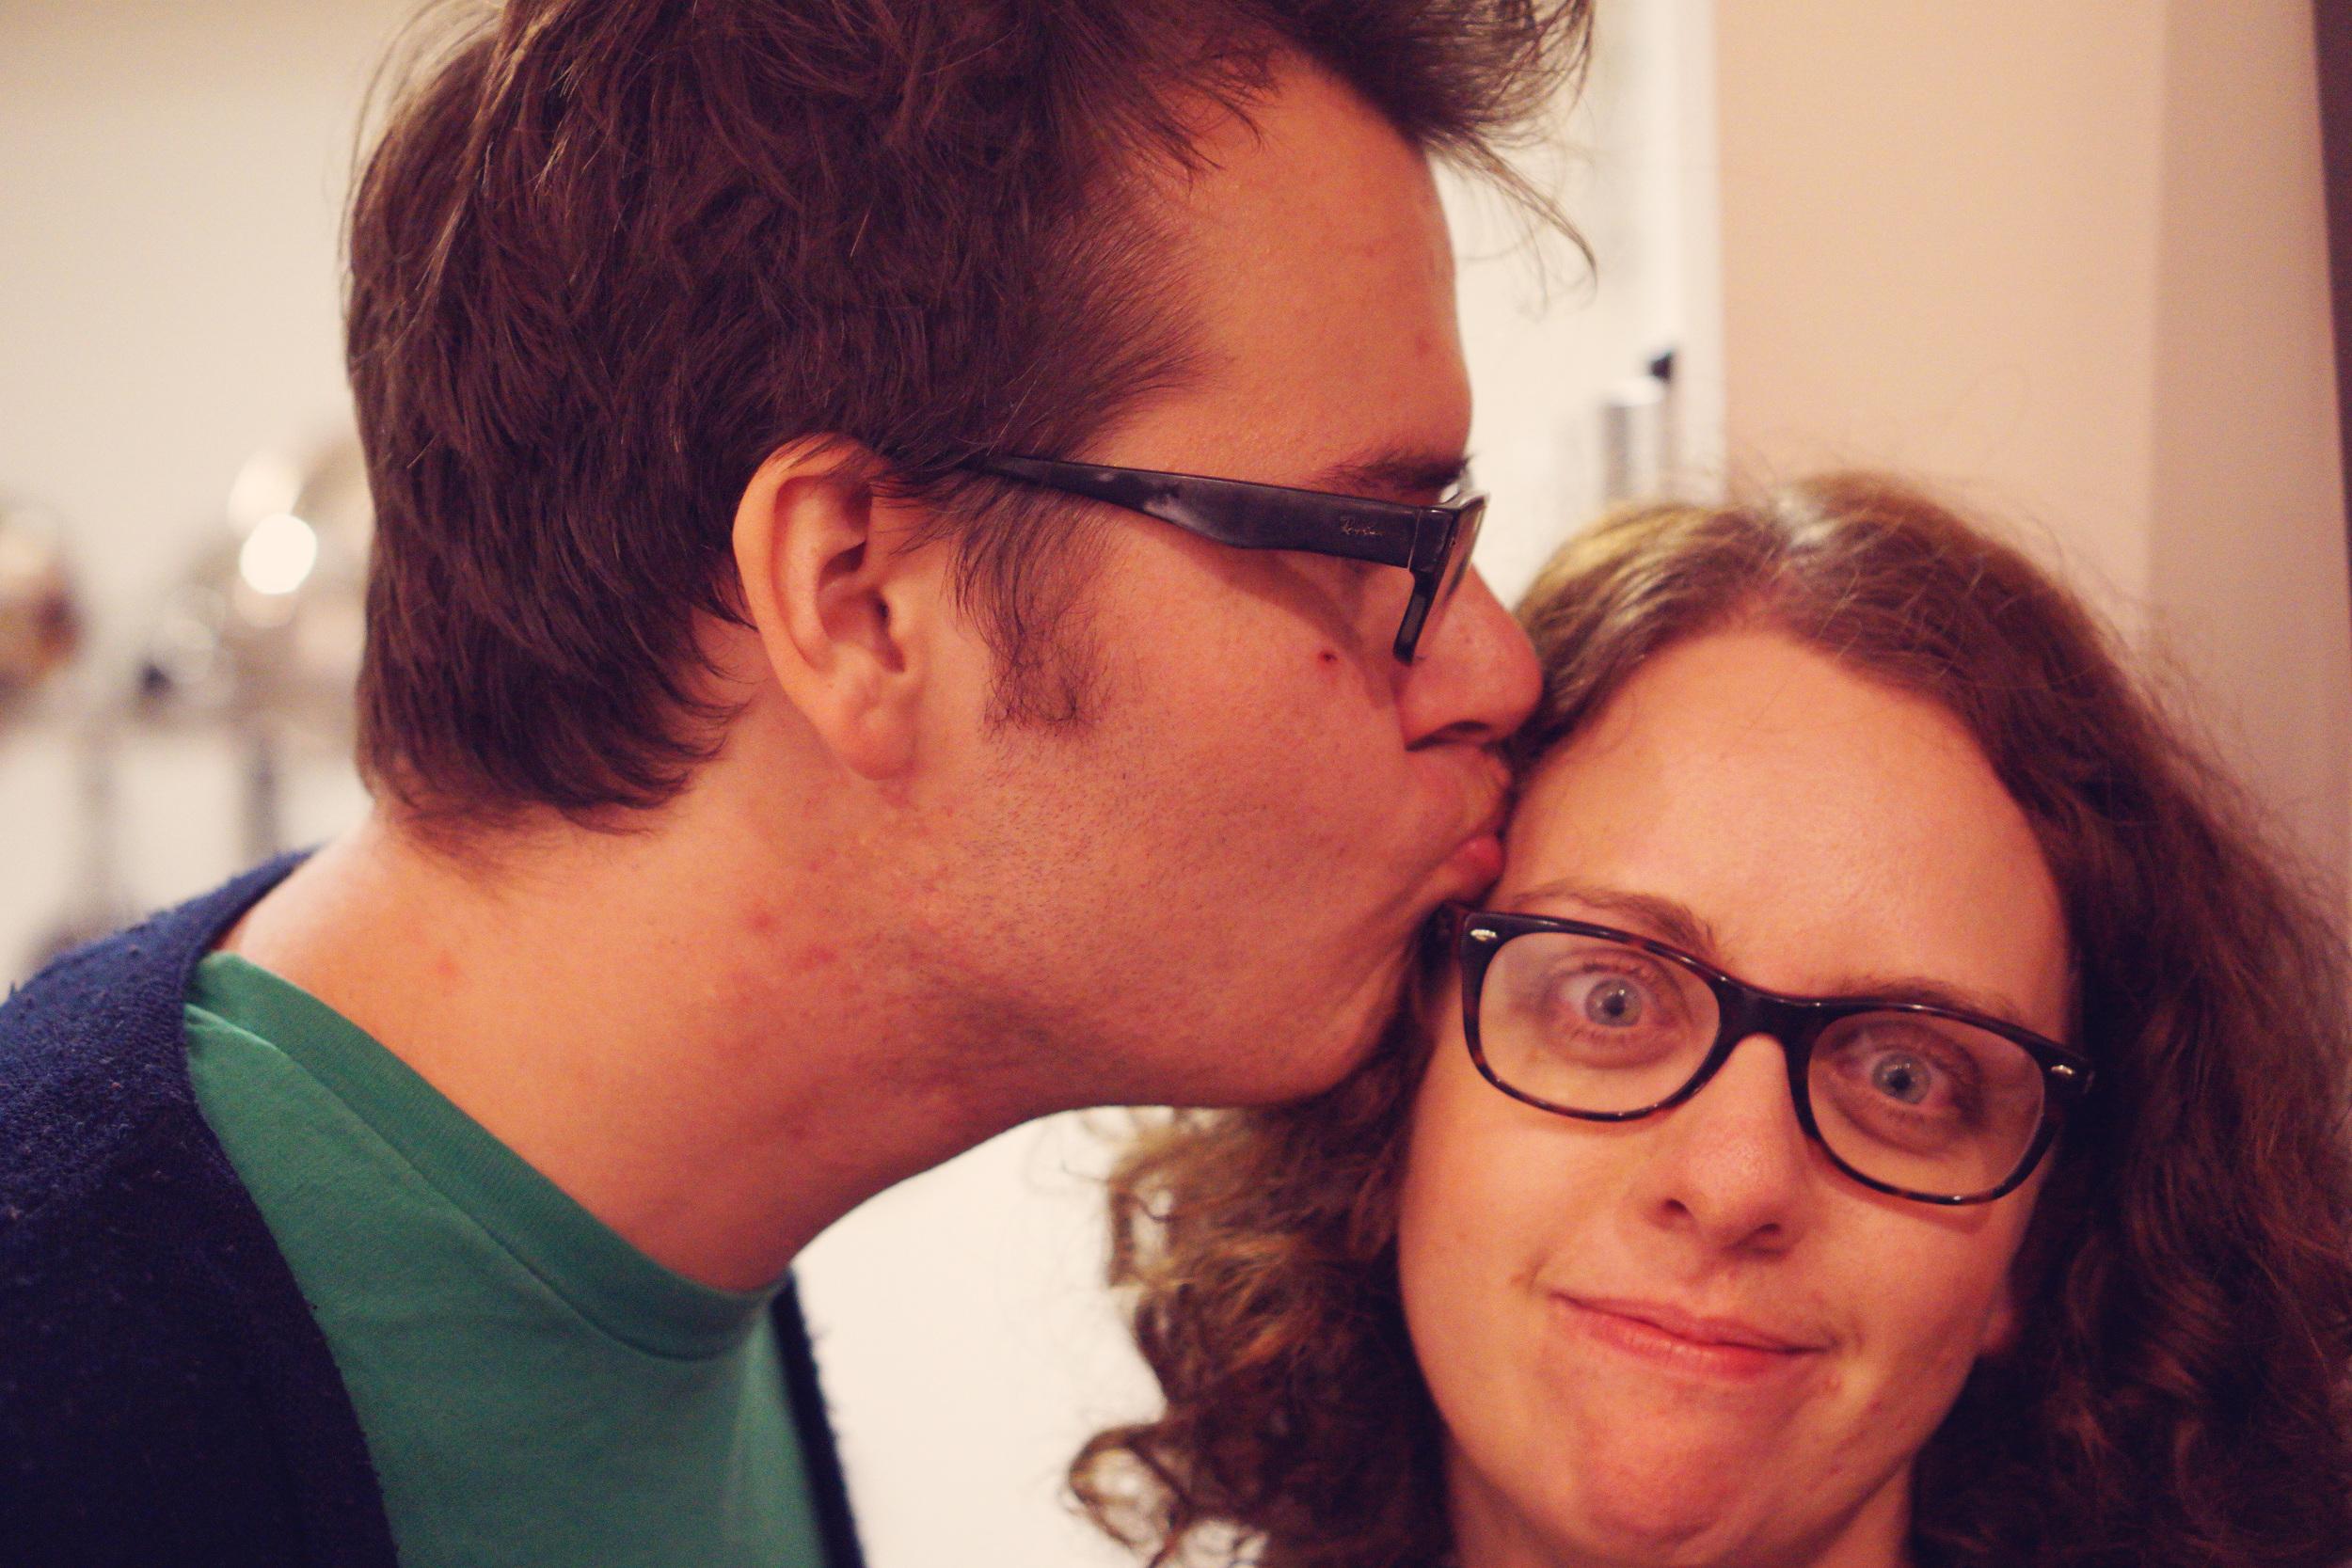 DSC02421 Jacob Kisses Erica.JPG